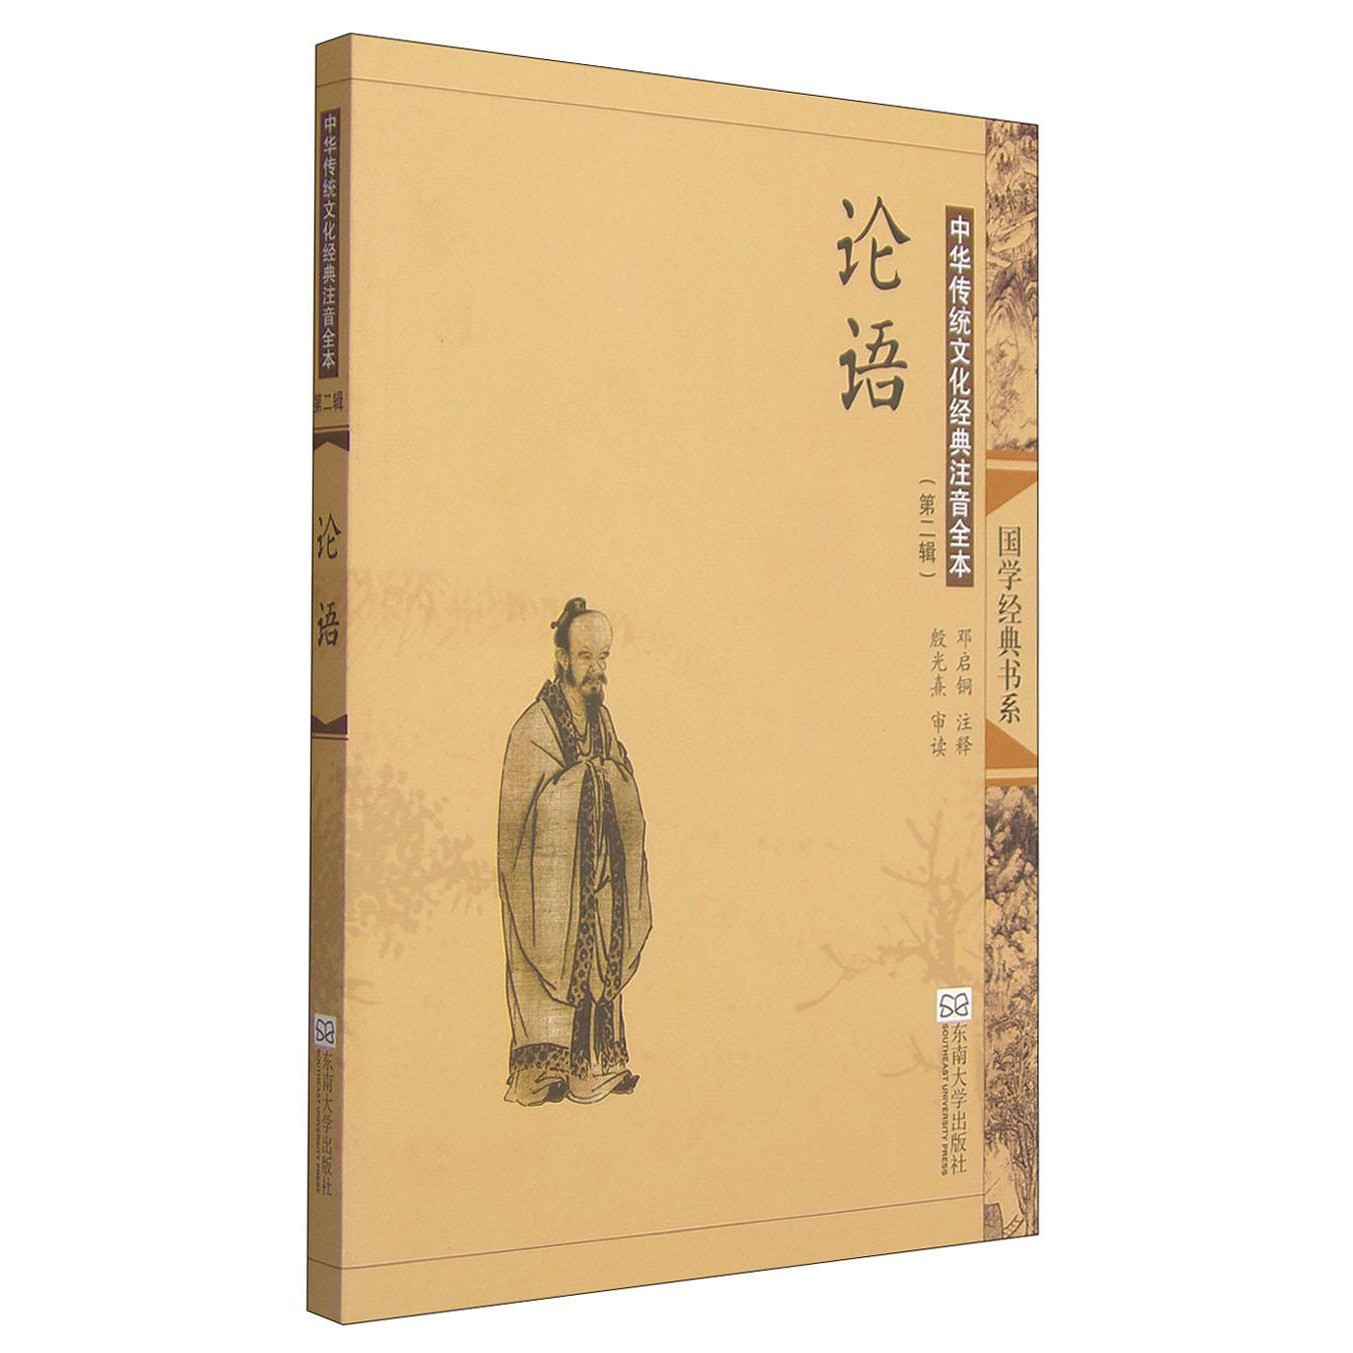 中华传统文化经典注音全本(第二辑):论语(第2版) 怎么样 - 亚米网